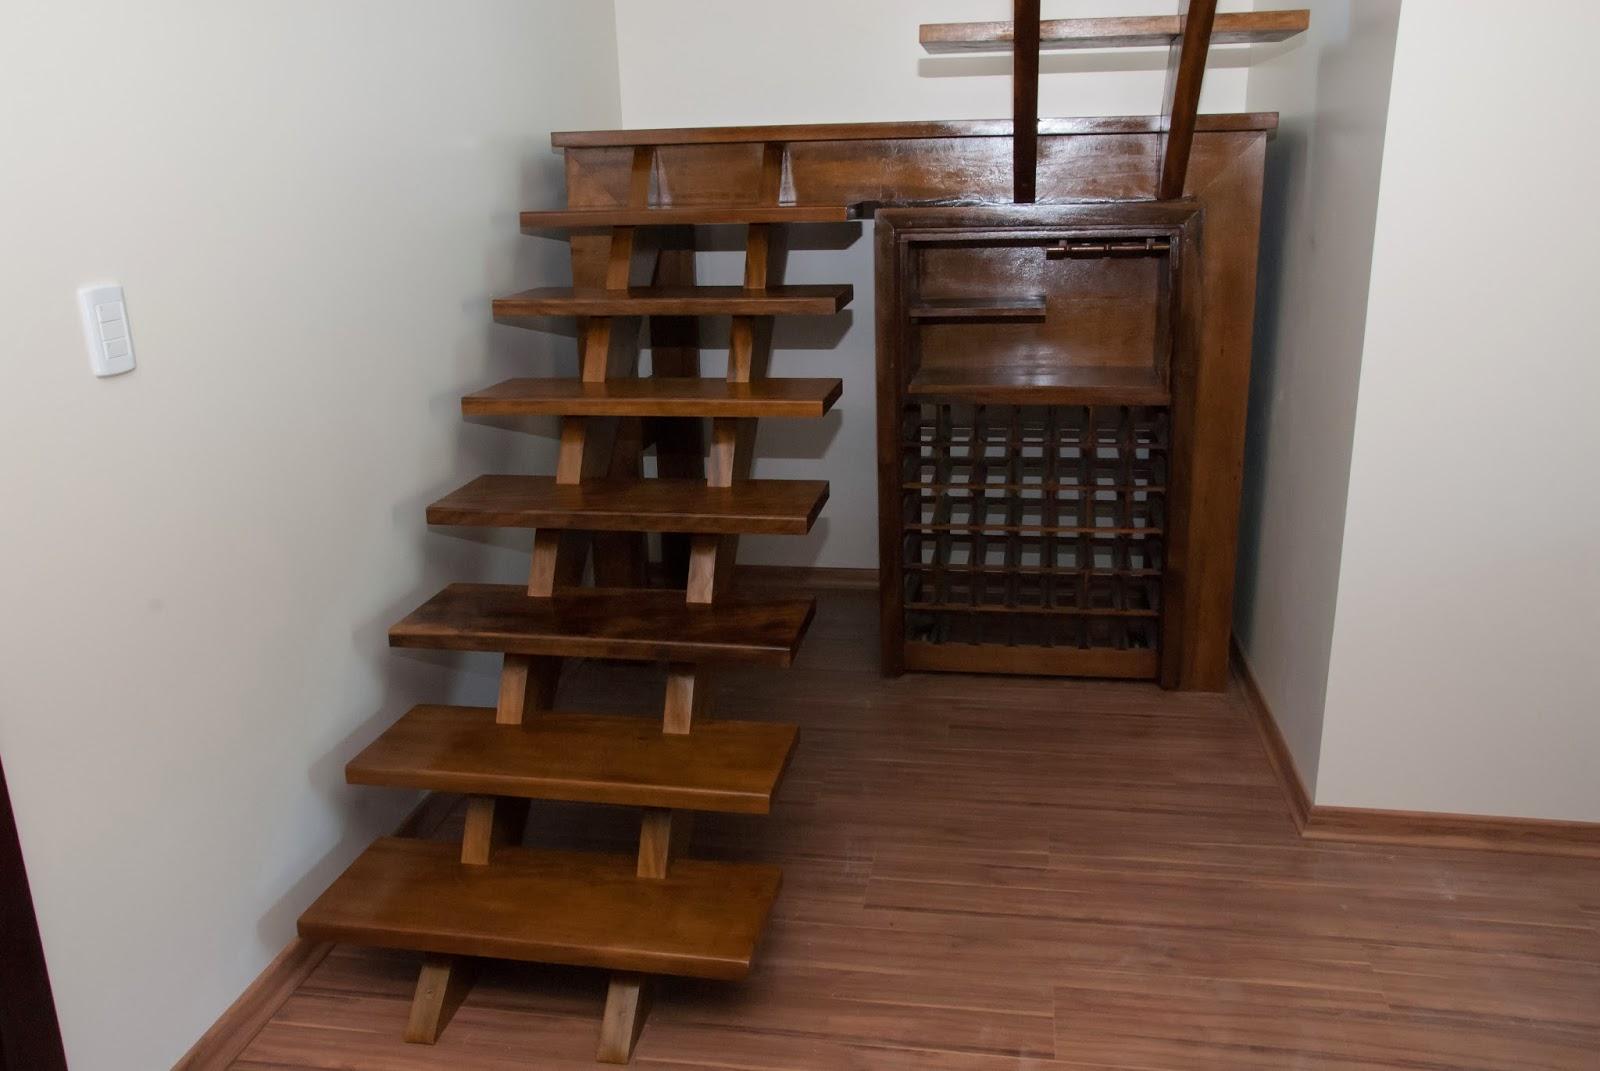 ARTEZZINI Arte em Madeira: Escada com Adega Sob Medida para  #362016 1600x1071